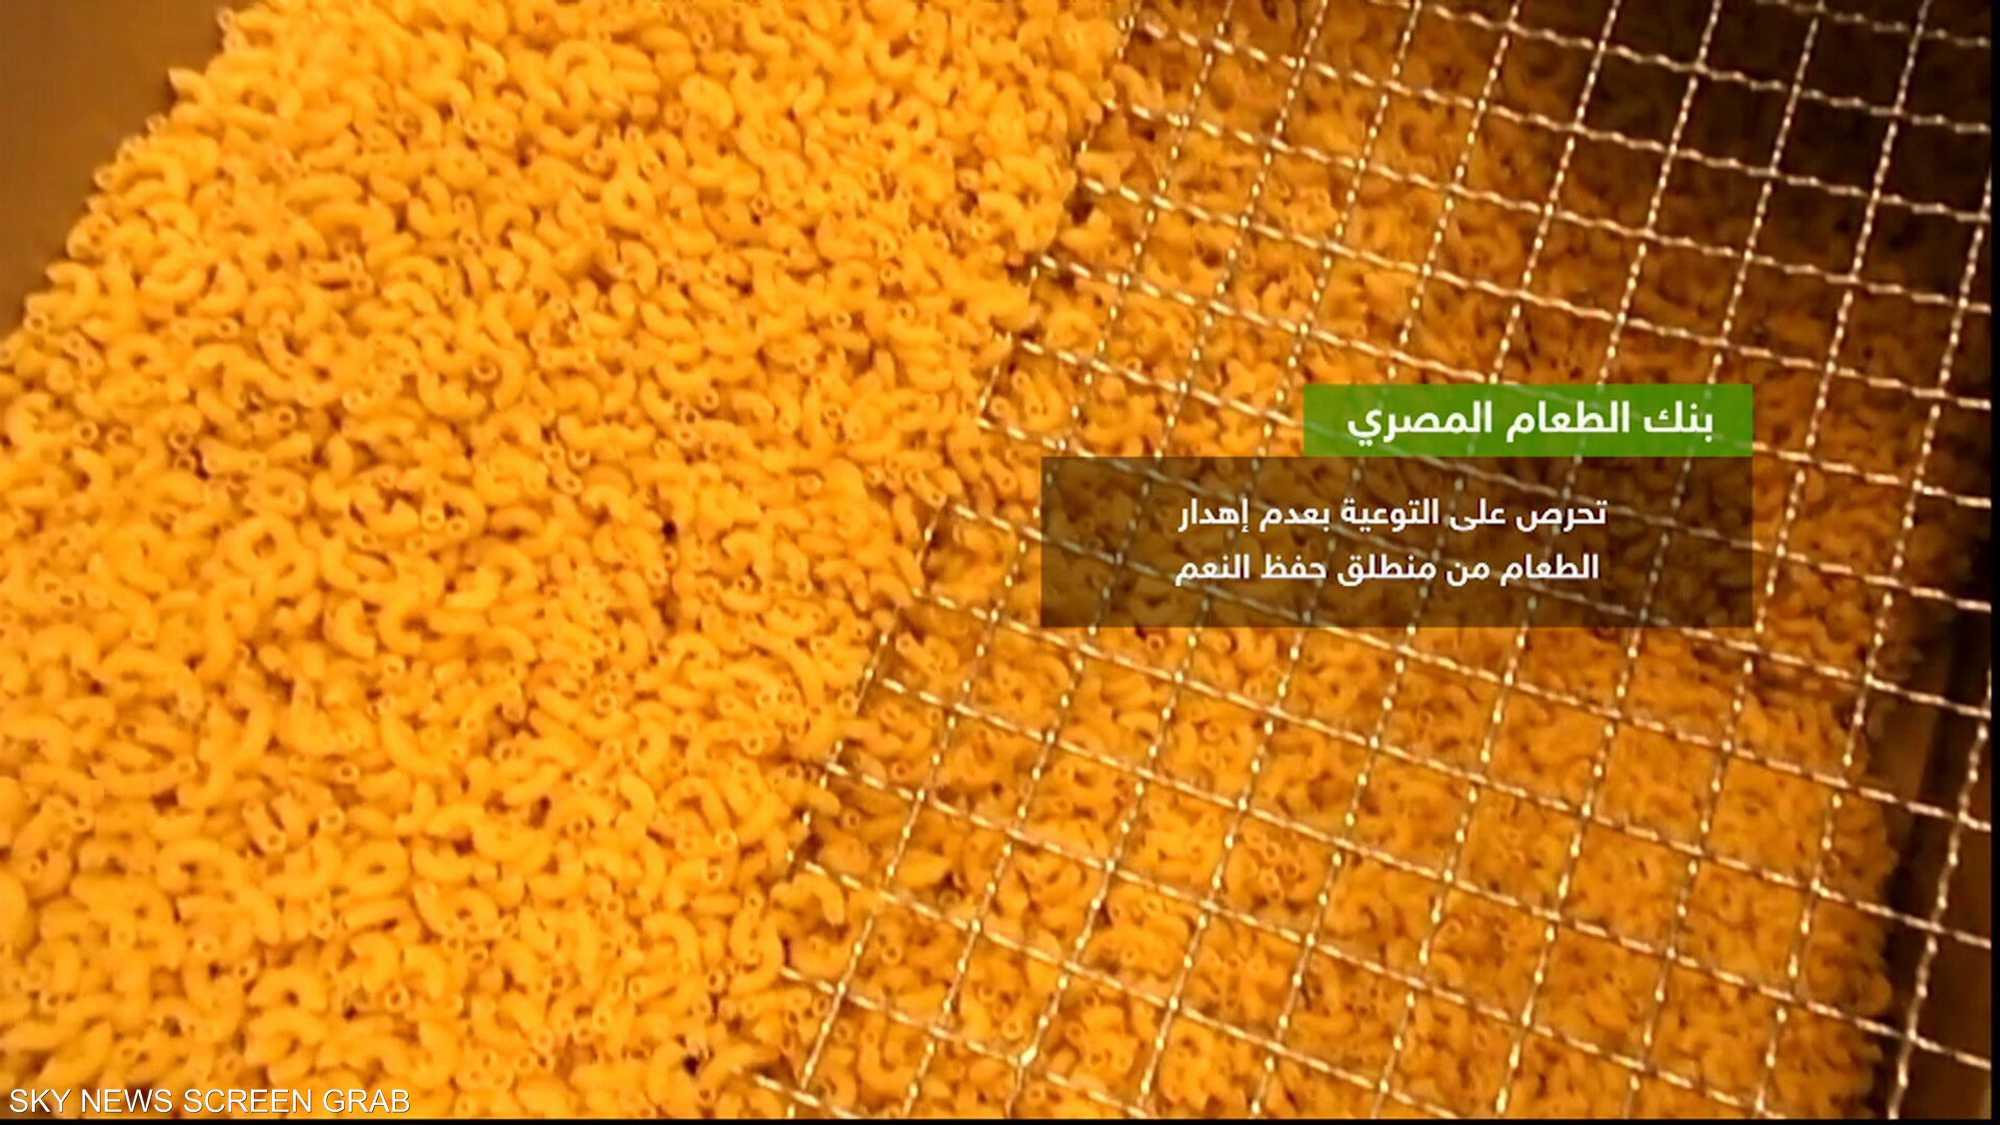 بنك الطعام المصري.. حملة دعم العمالة اليومية